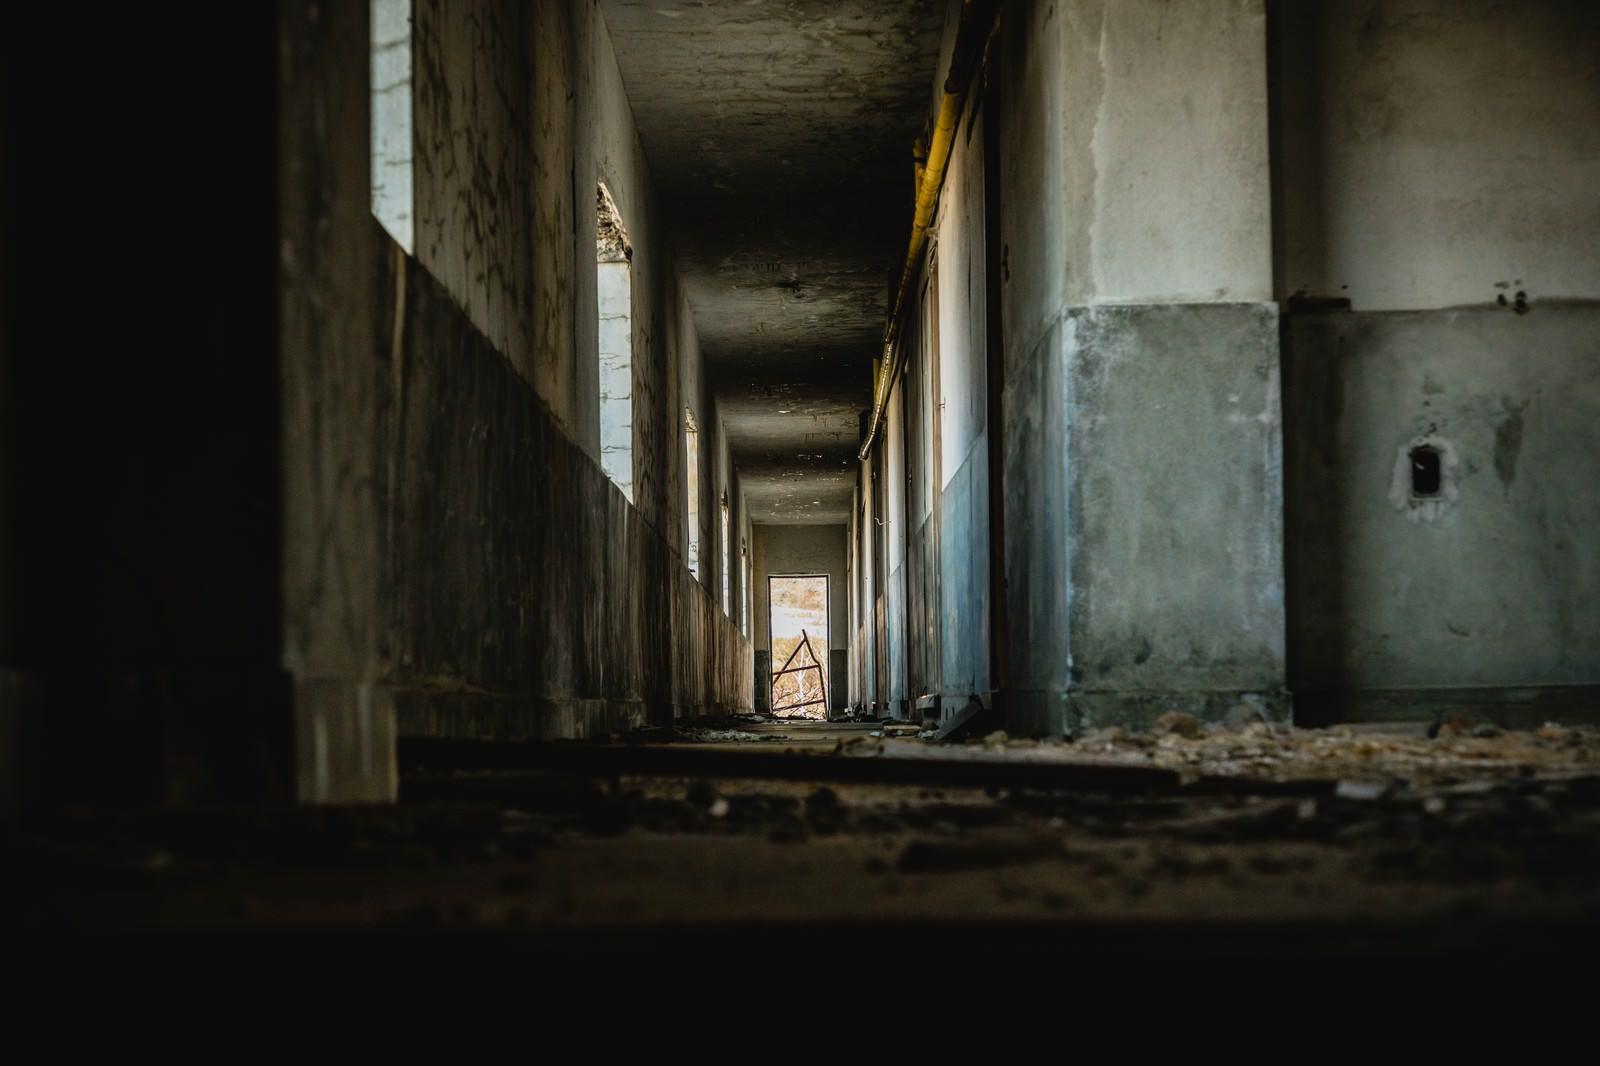 「廃宿舎の通路廃宿舎の通路」のフリー写真素材を拡大